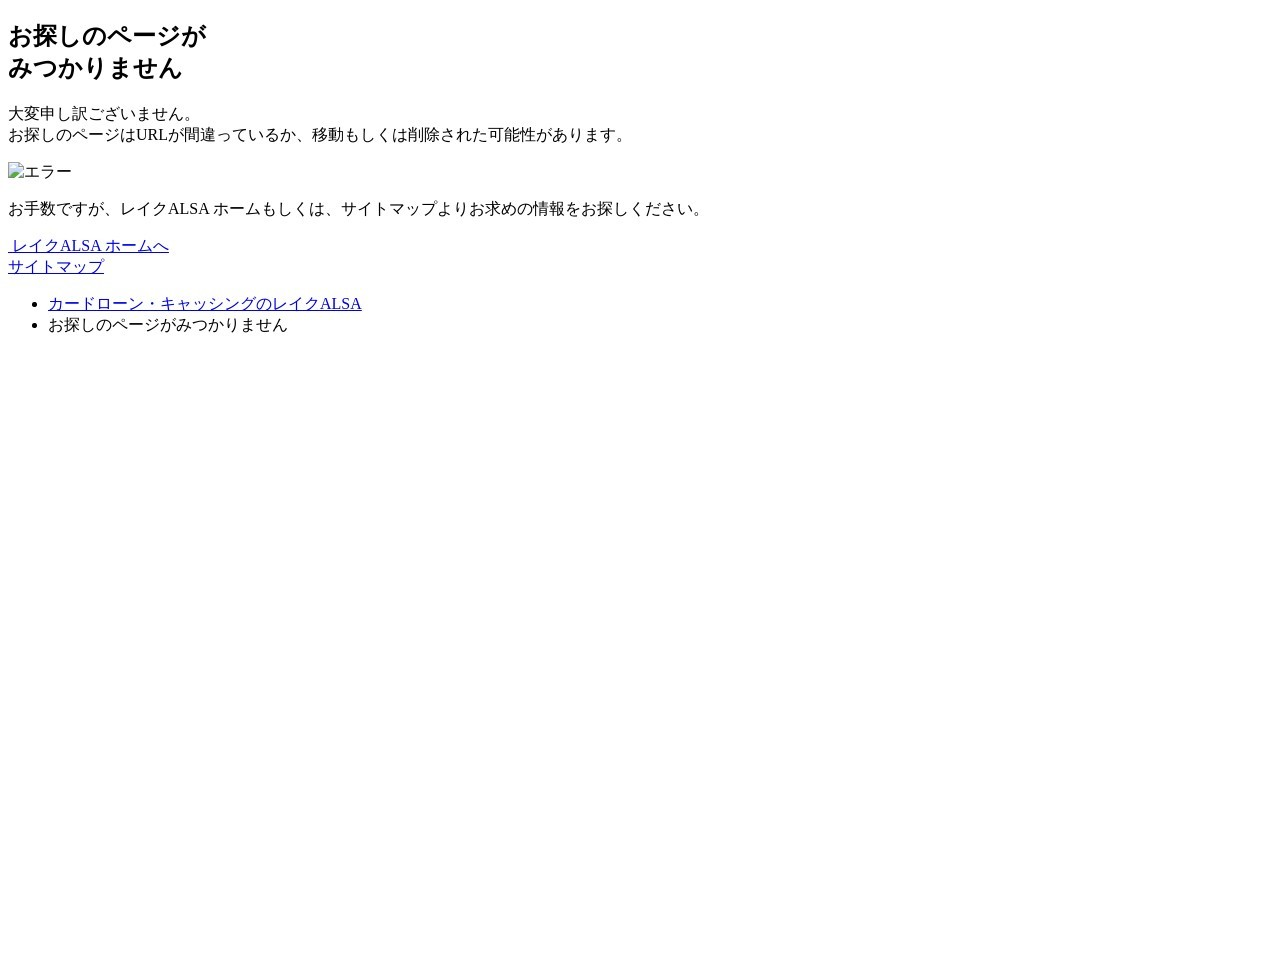 レイクALSA 旧3号宇土自動契約コーナー熊本県 レイクALSA